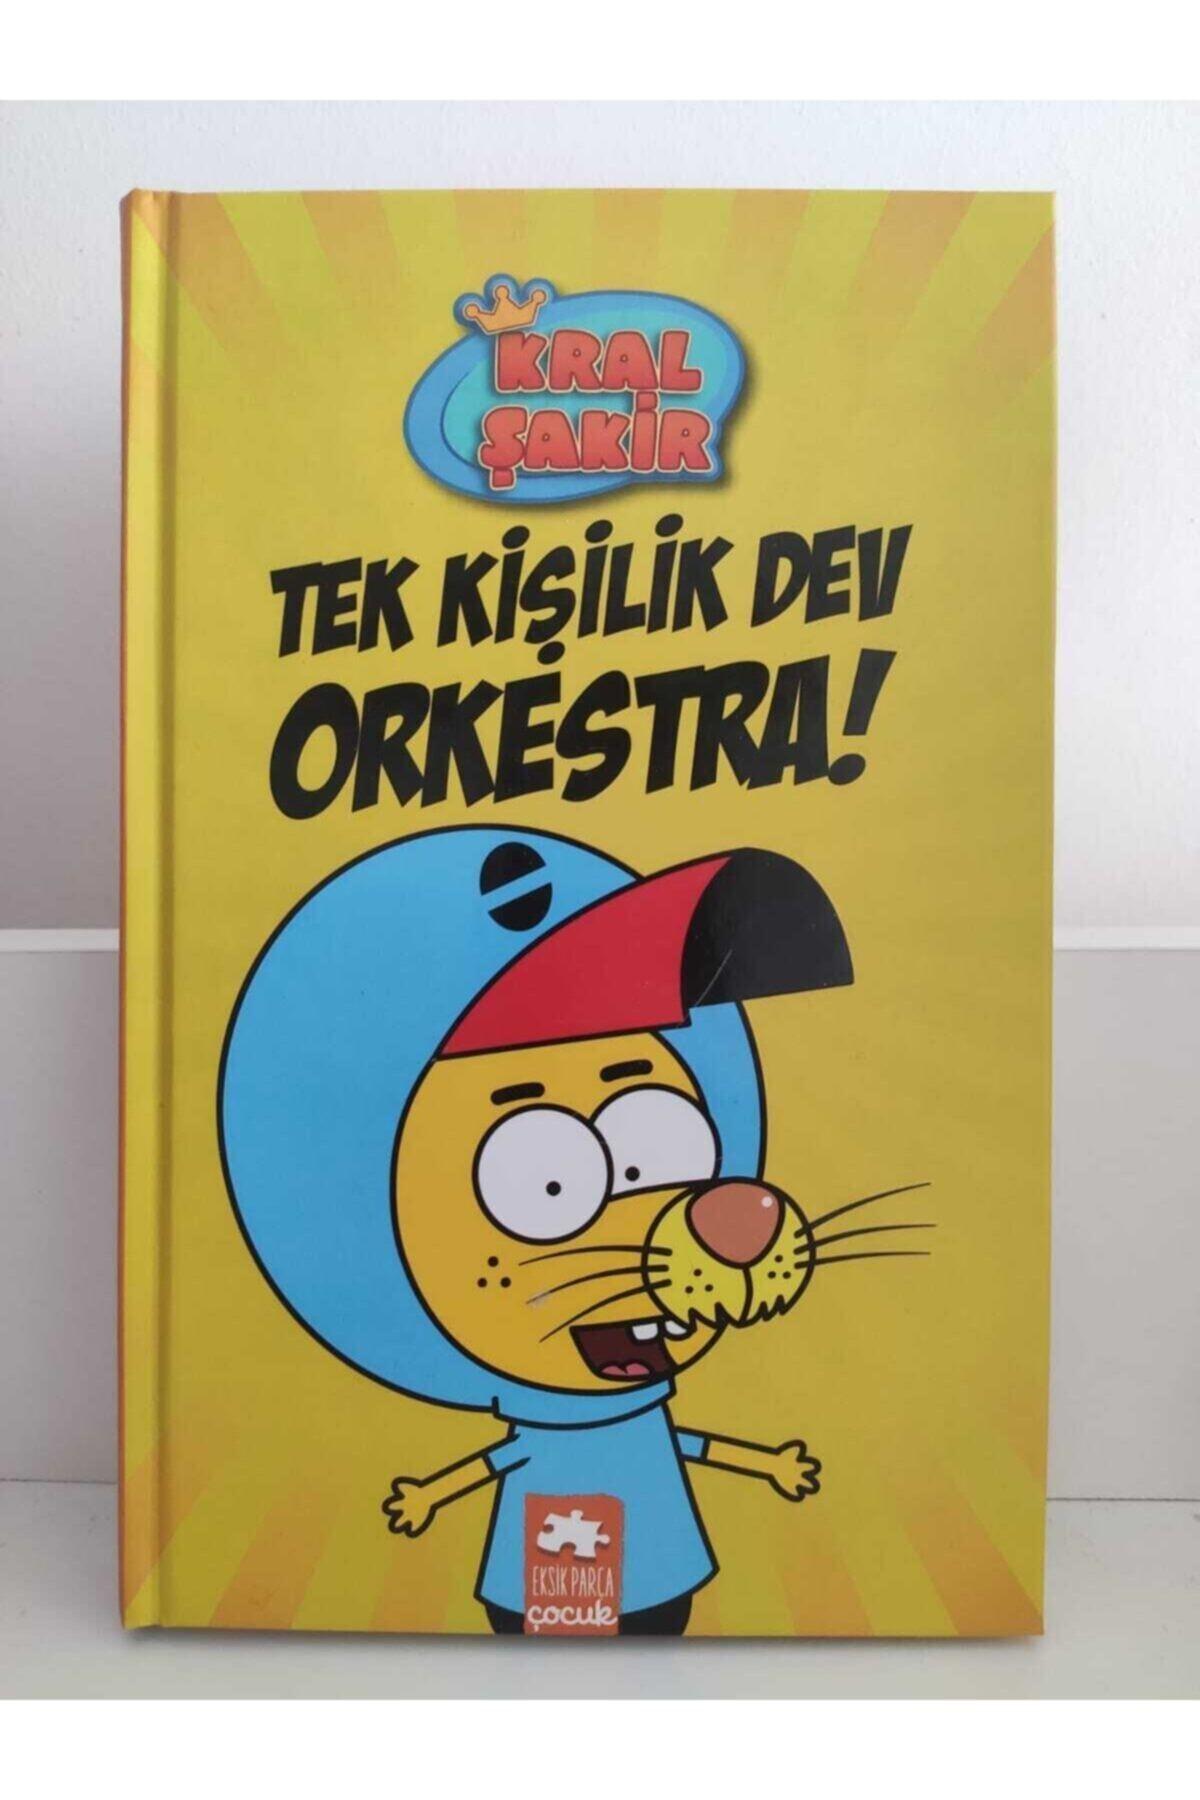 Eksik Parça Yayınları Kral Şakir 1 Tek Kişilik Dev Orkestra ! (CİLTLİ) 2